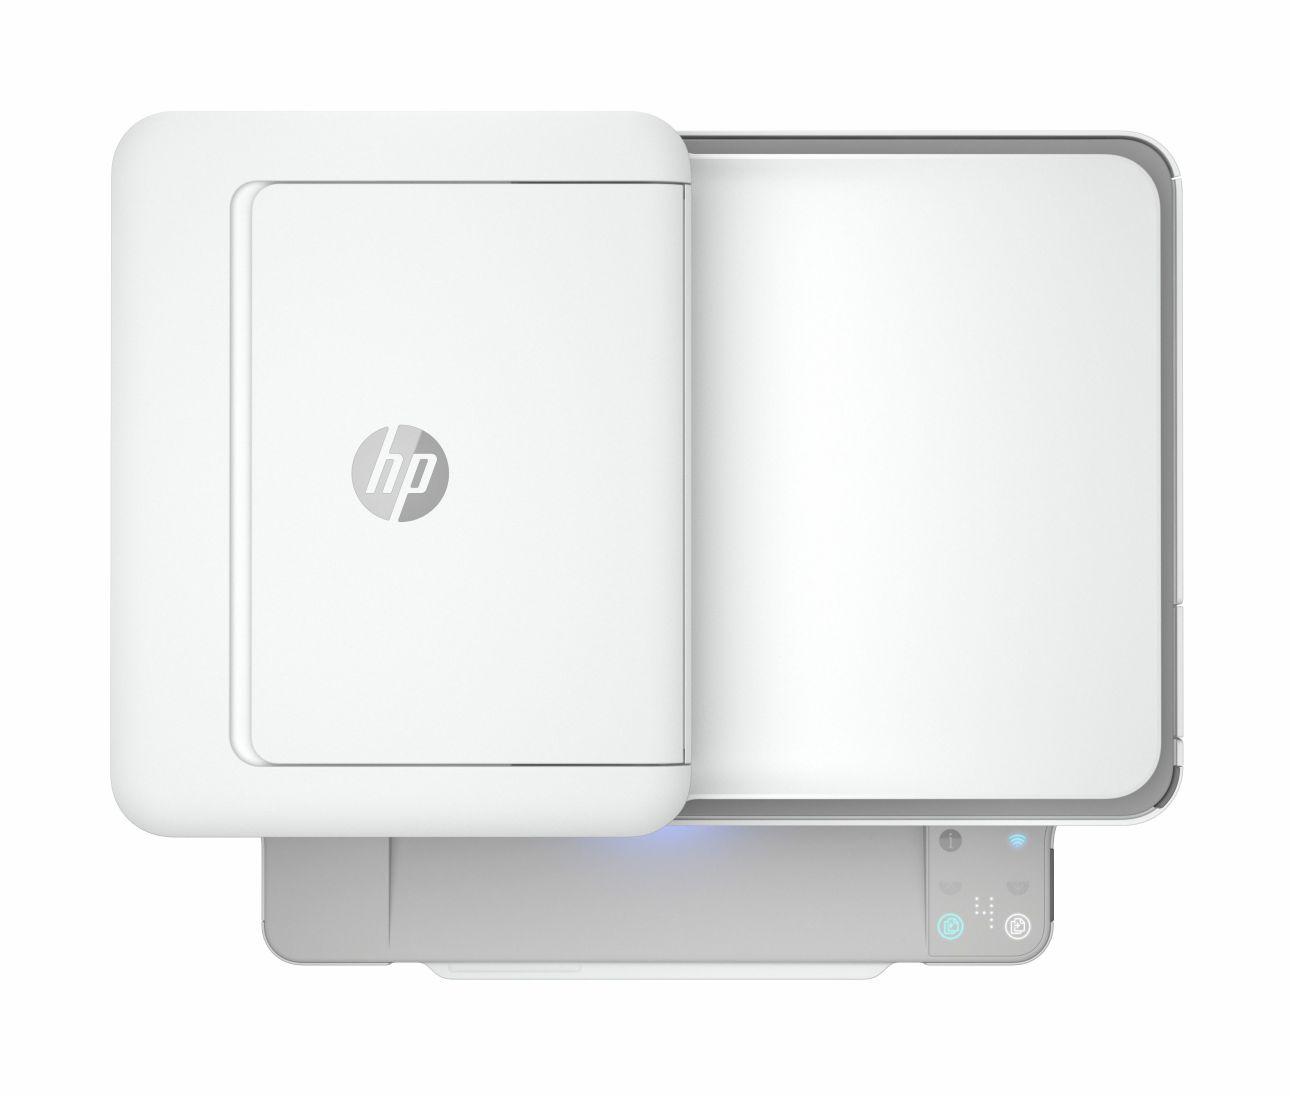 Устройство автоматической подачи документов HP Envy Pro 6455 All-in-One